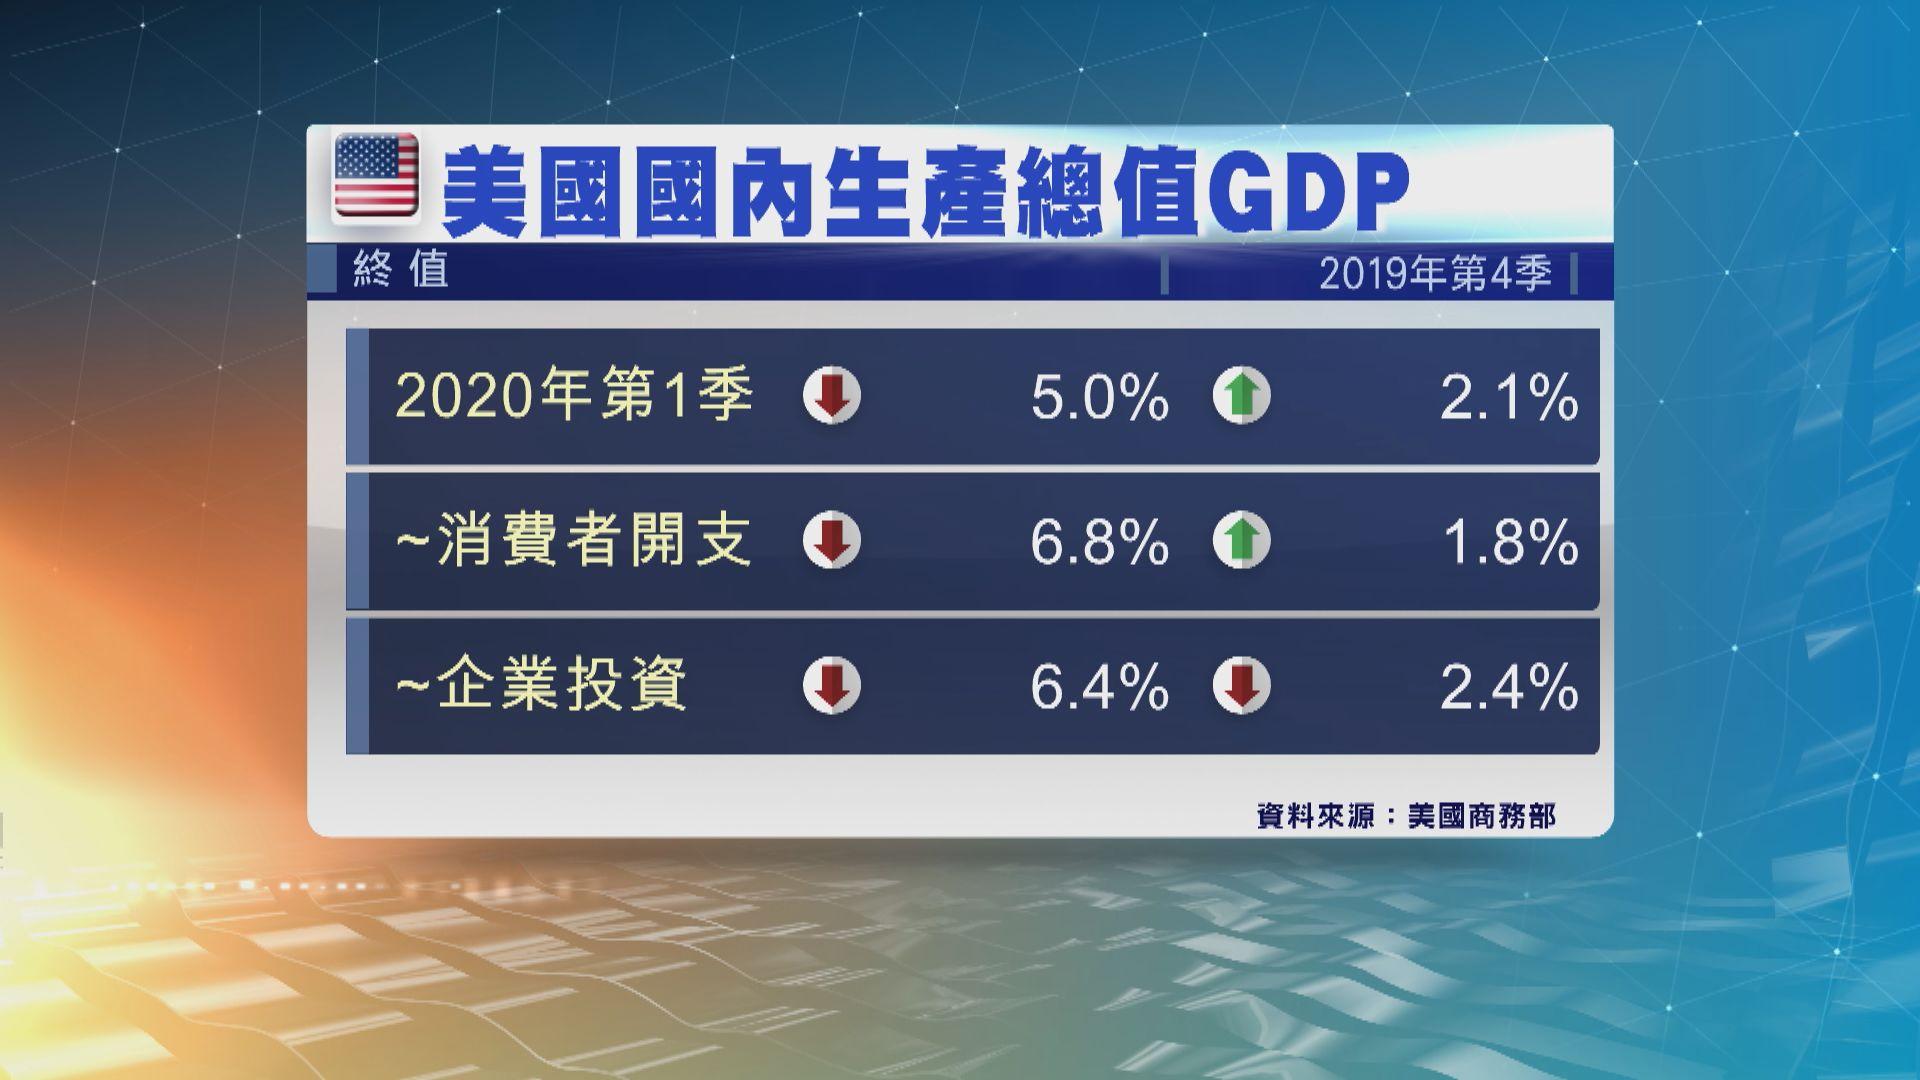 美首季經濟萎縮5% 經濟師料美次季經濟萎縮30%